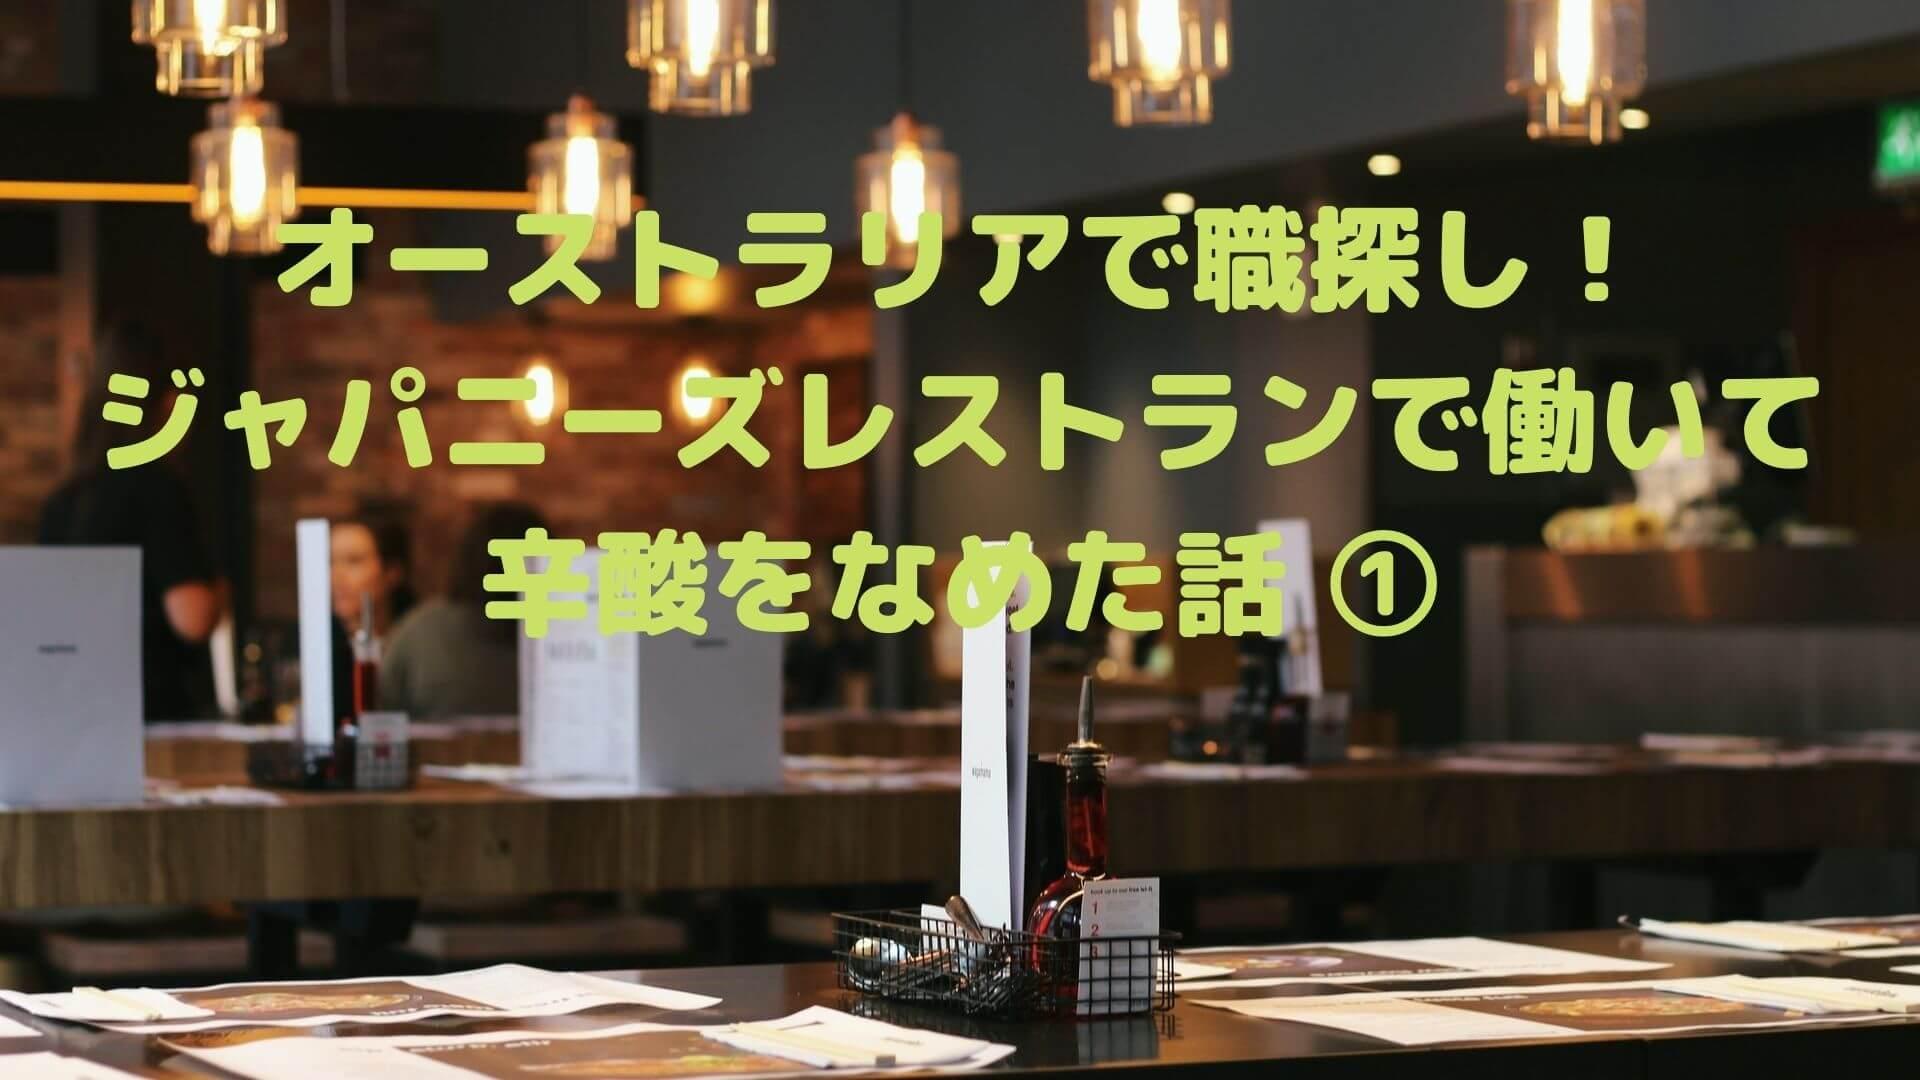 和食レストランの写真